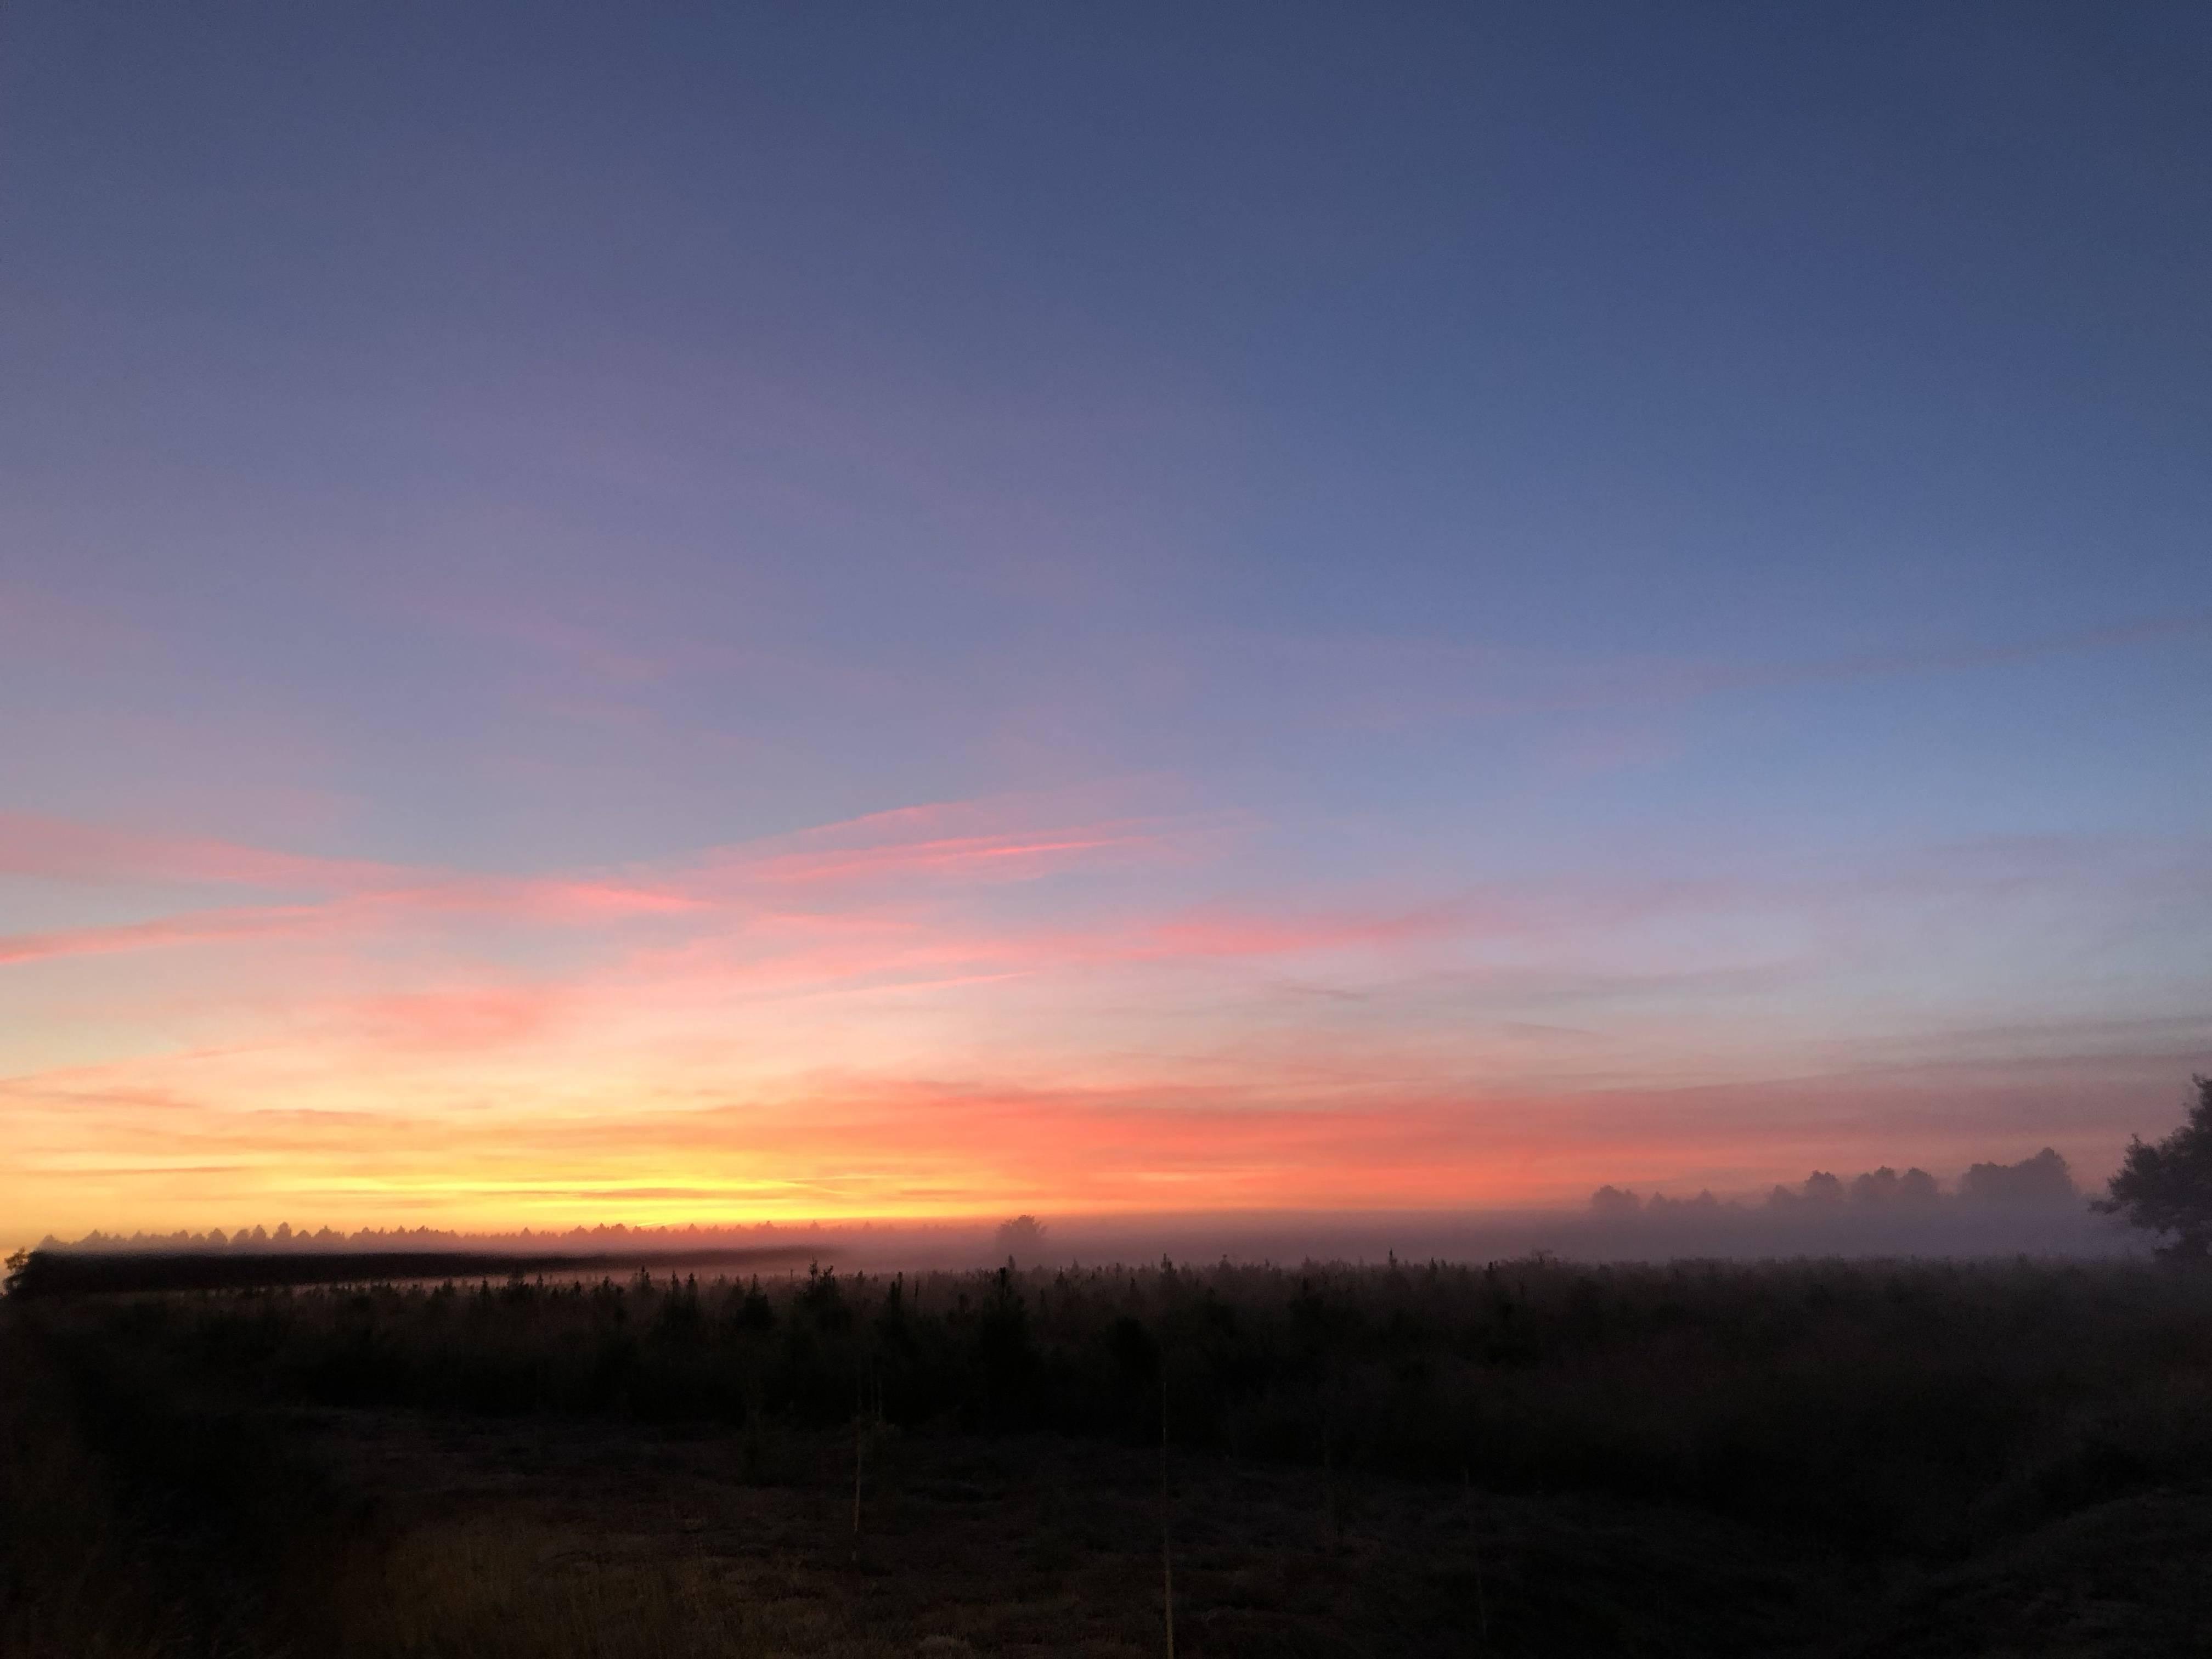 Photo 2: Biscarrosse au lever du jour